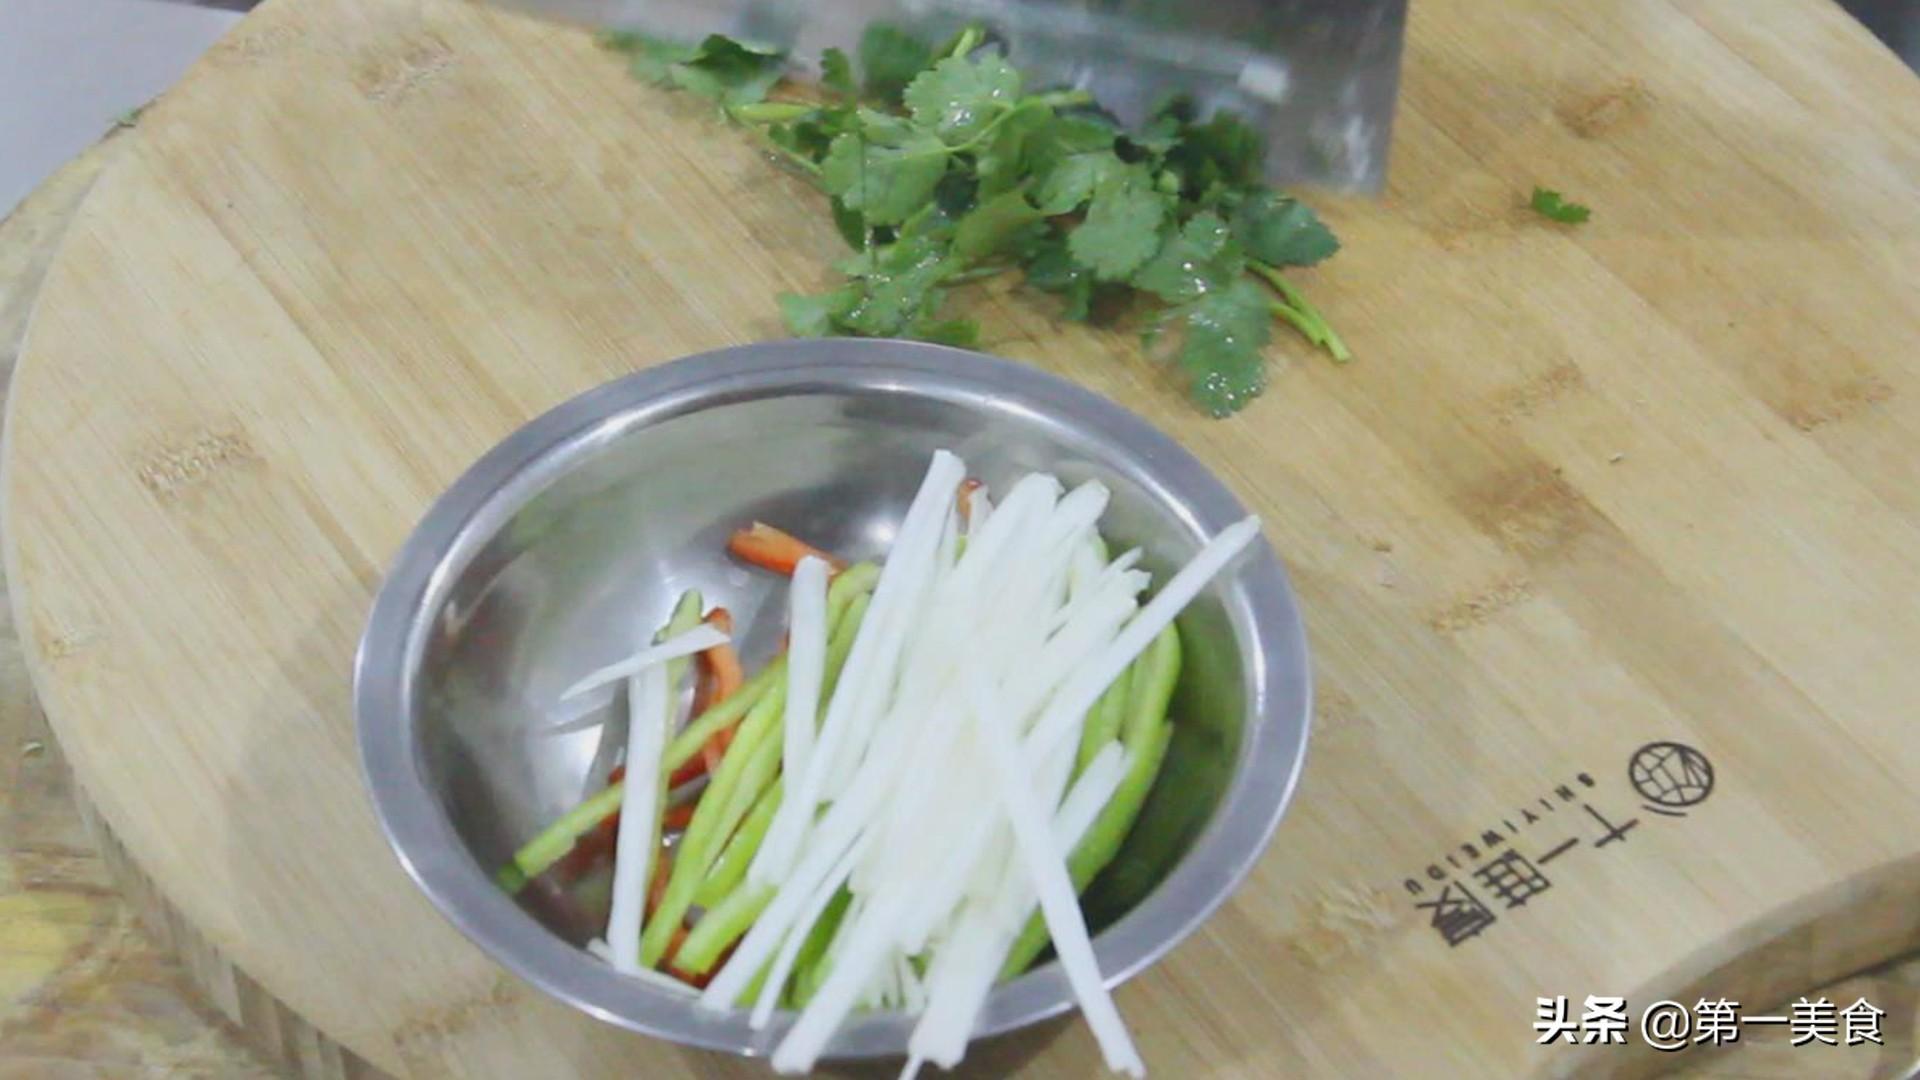 葱油茶干这样做 营养均衡 香脆可口 素菜中的扛把子